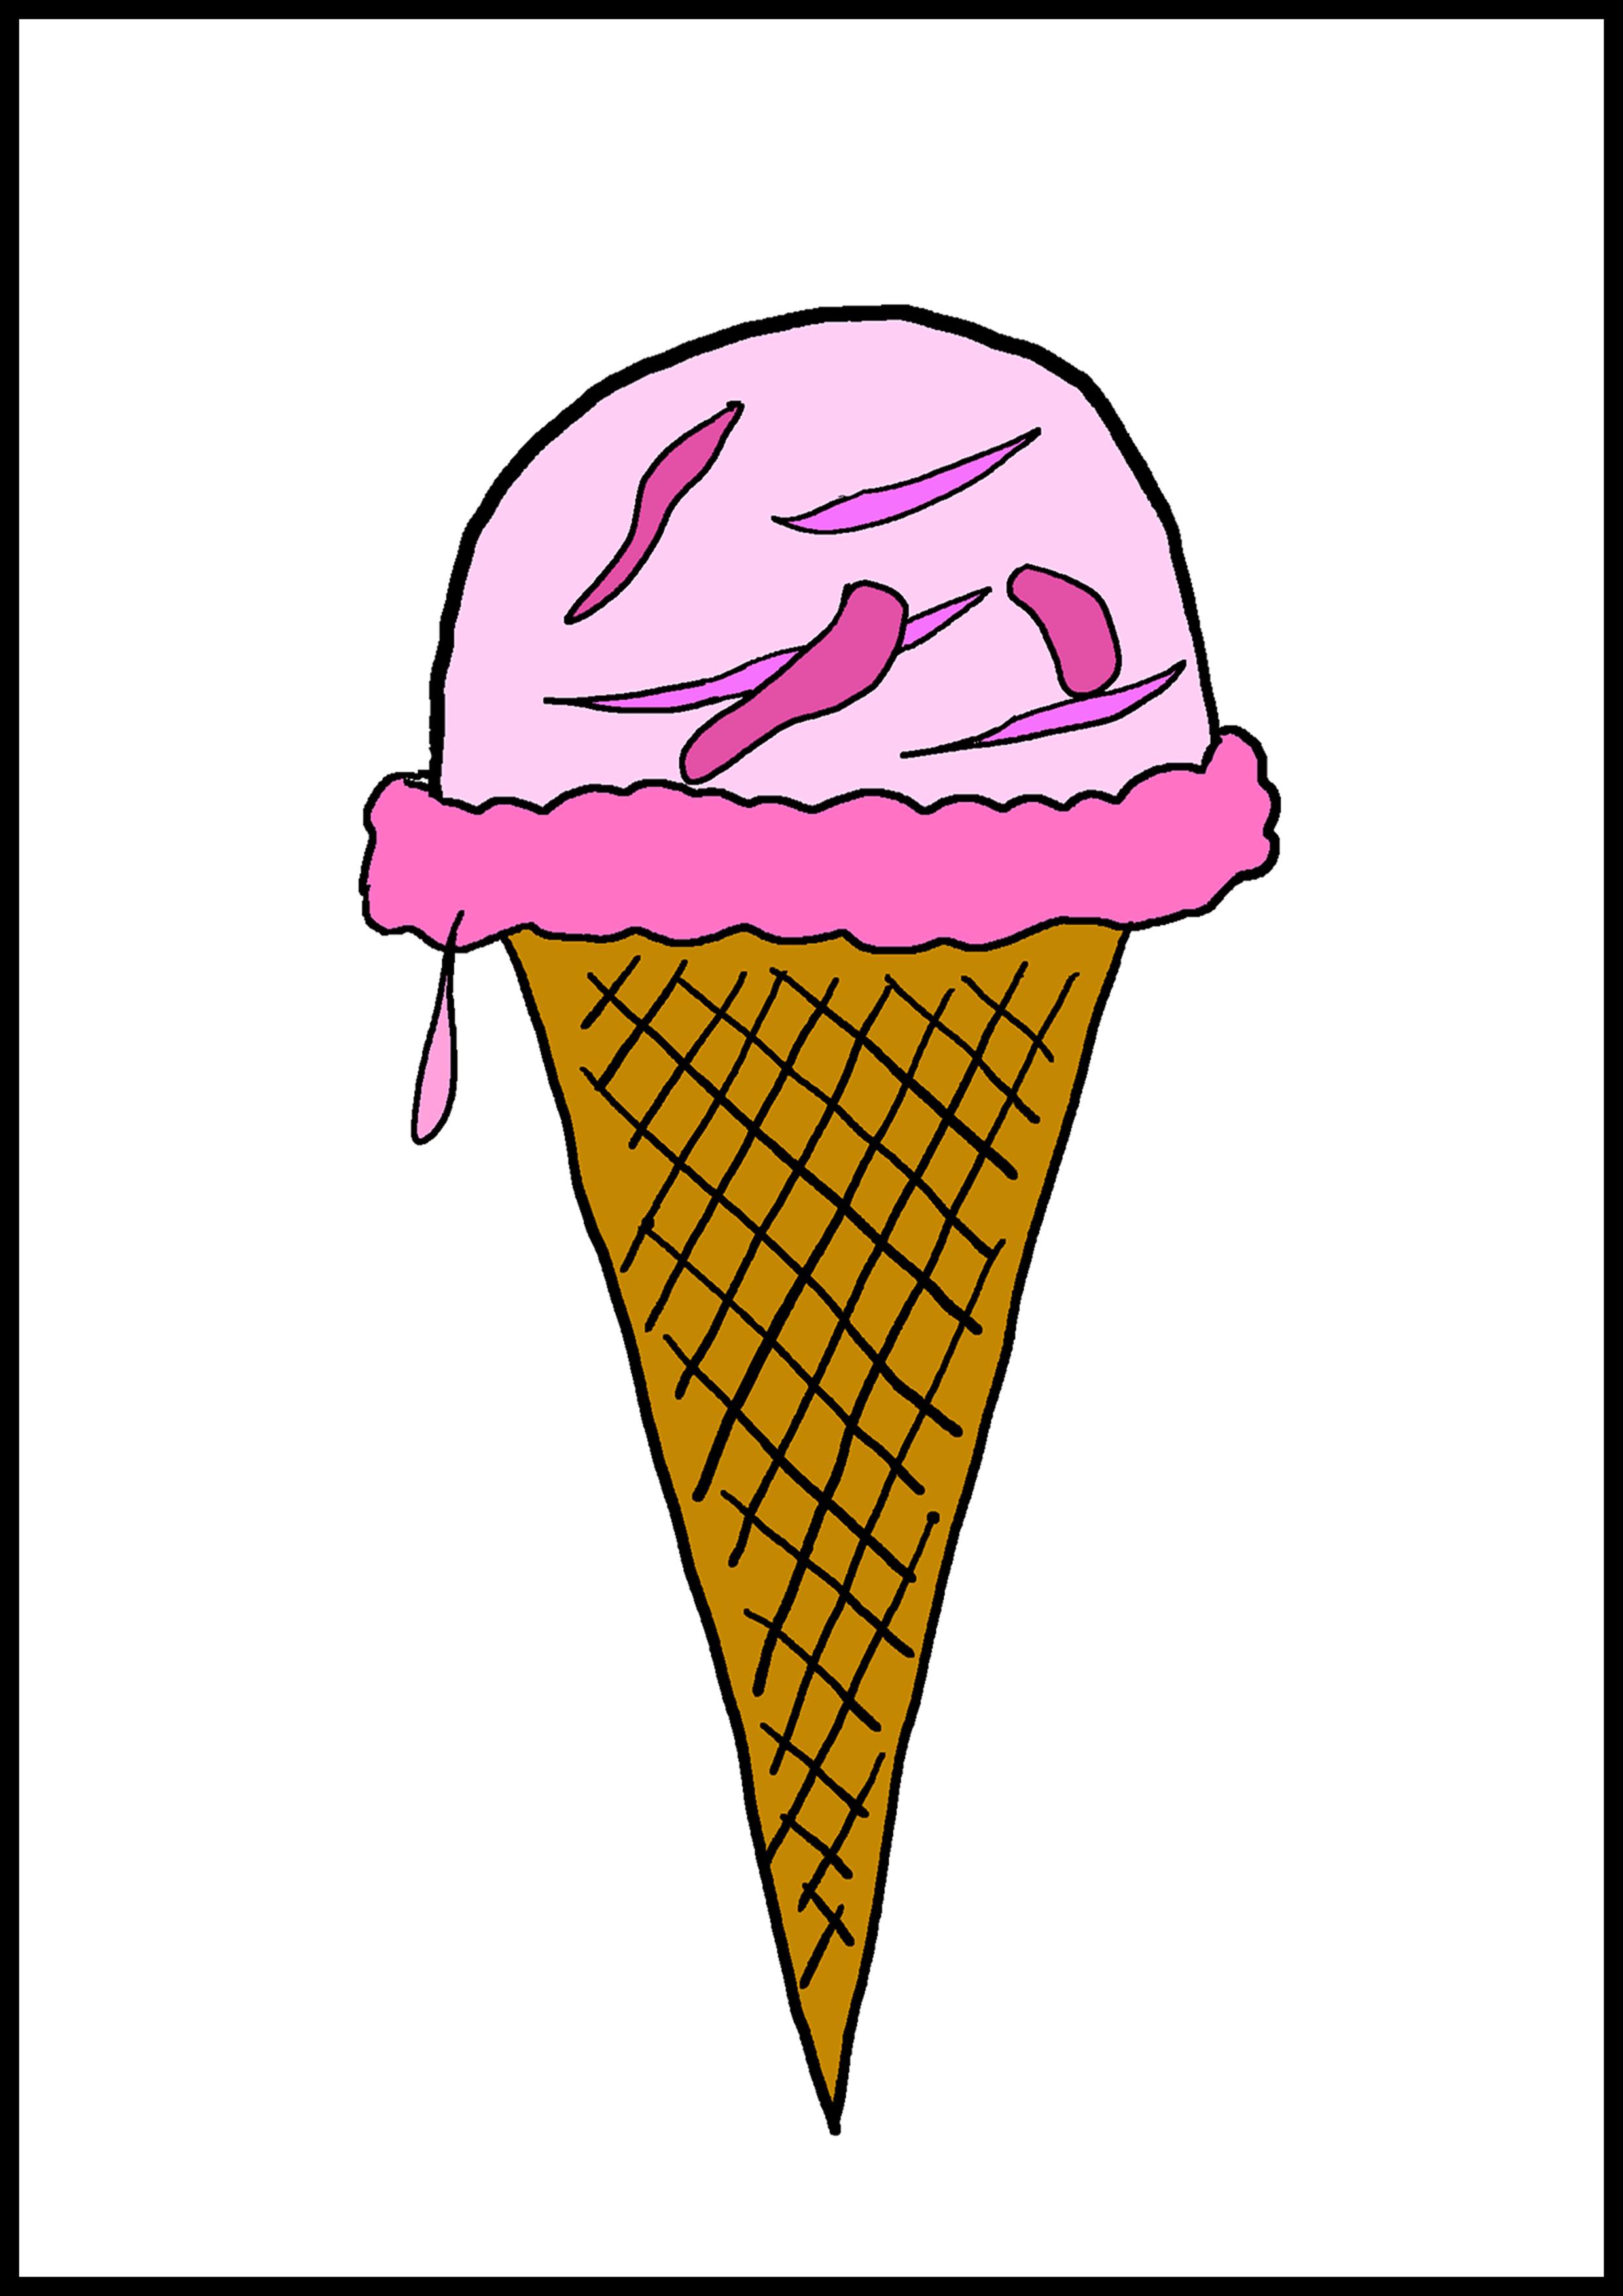 カルタイラスト【アイスクリーム】